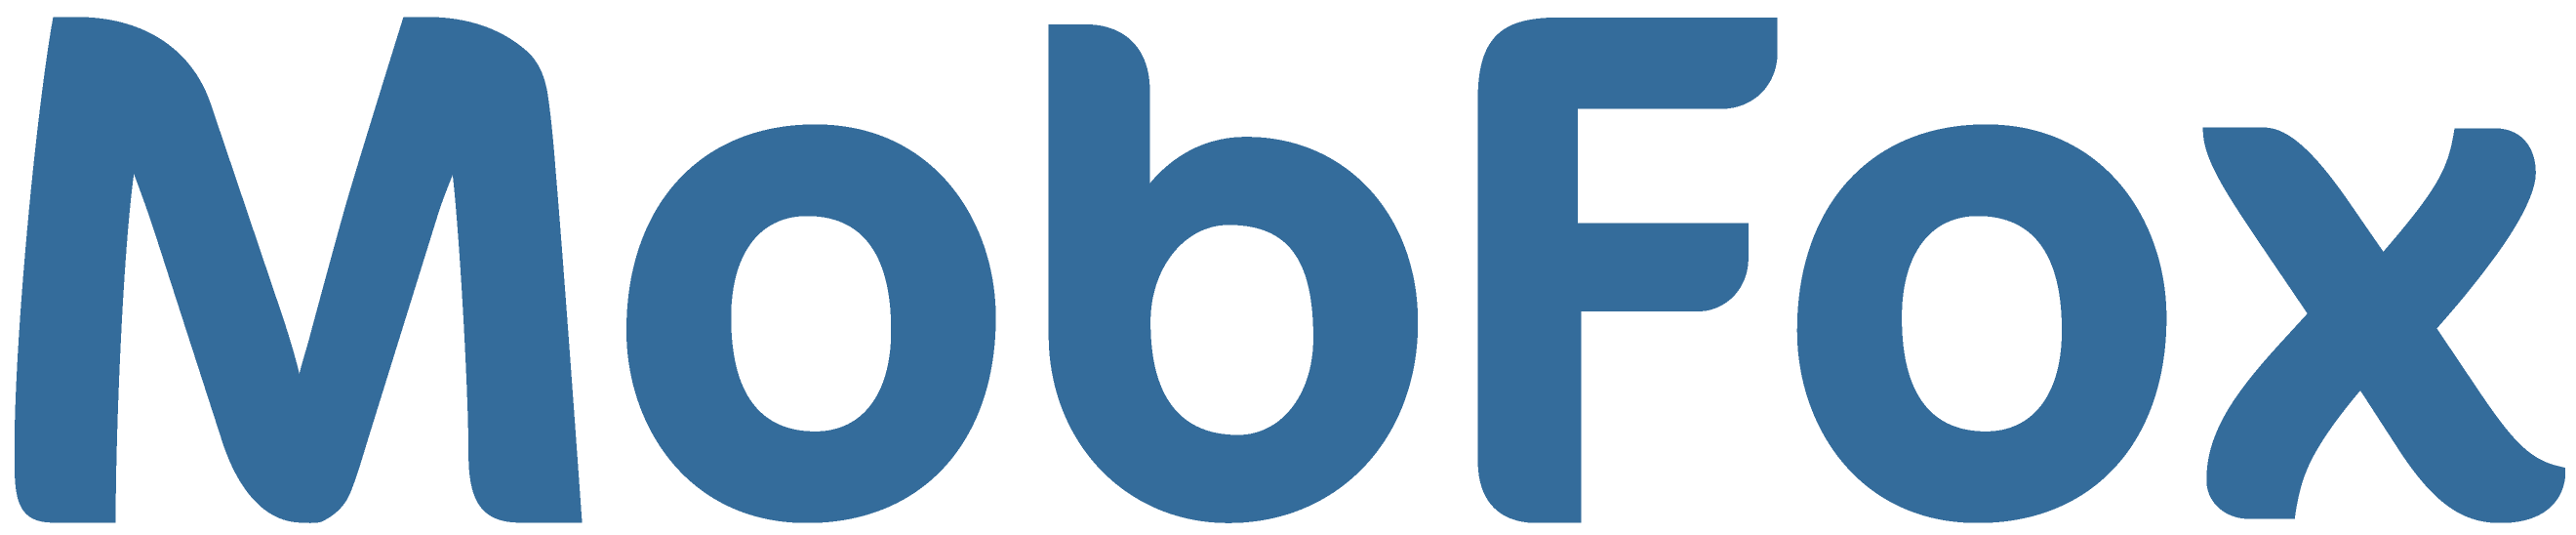 MobFox_Logo.png